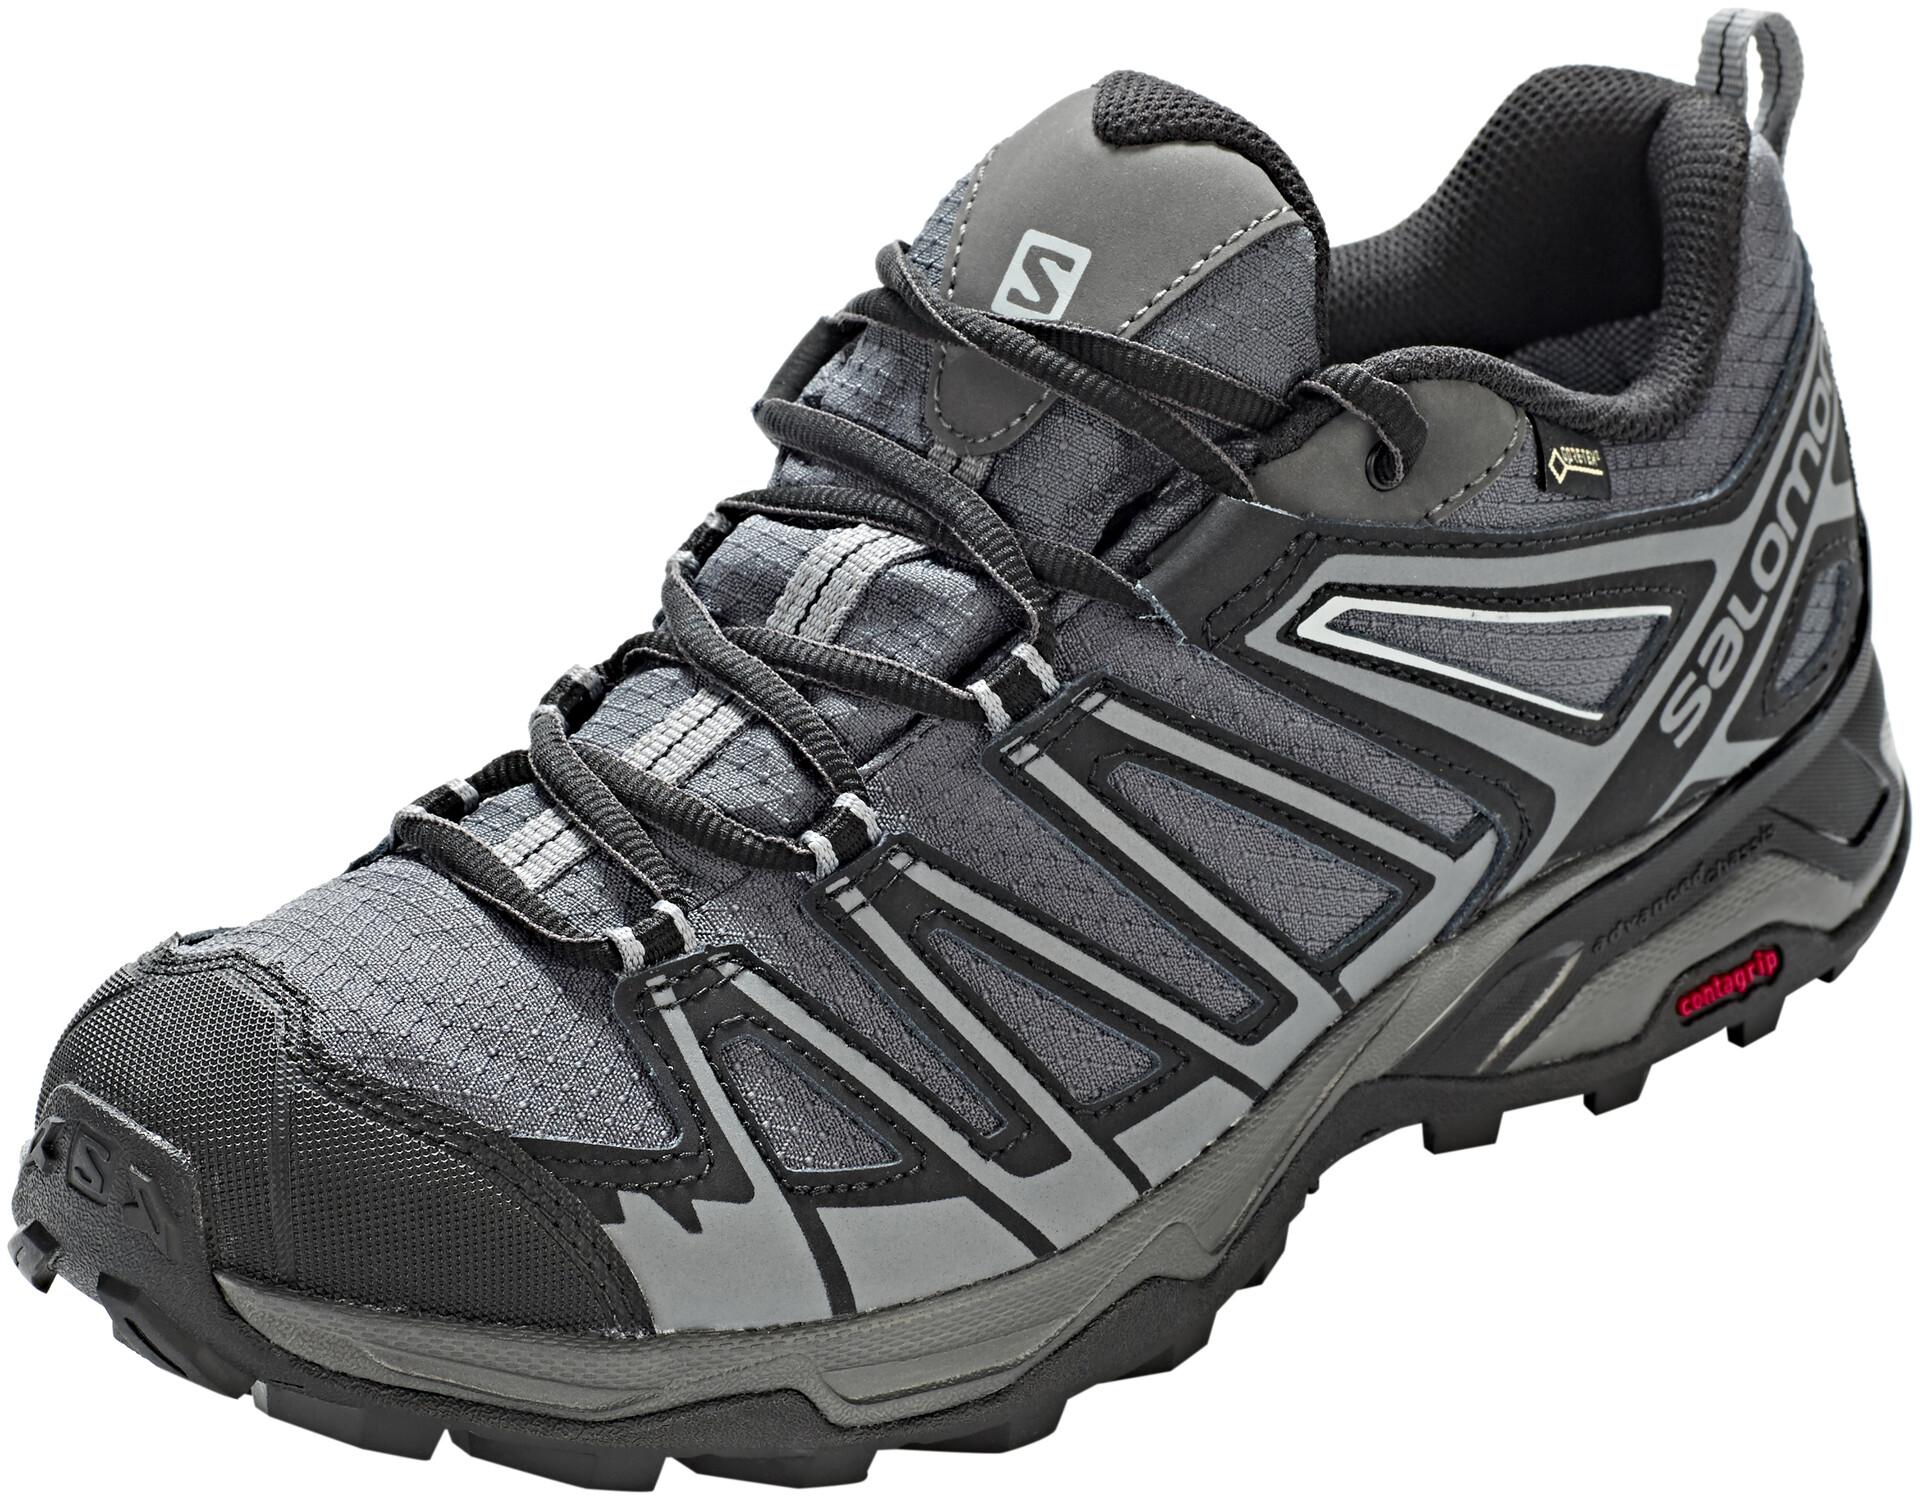 Homme Gtx 3 Salomon Ultra Sur Campz Prime Chaussures X Gris CqxCOwFY